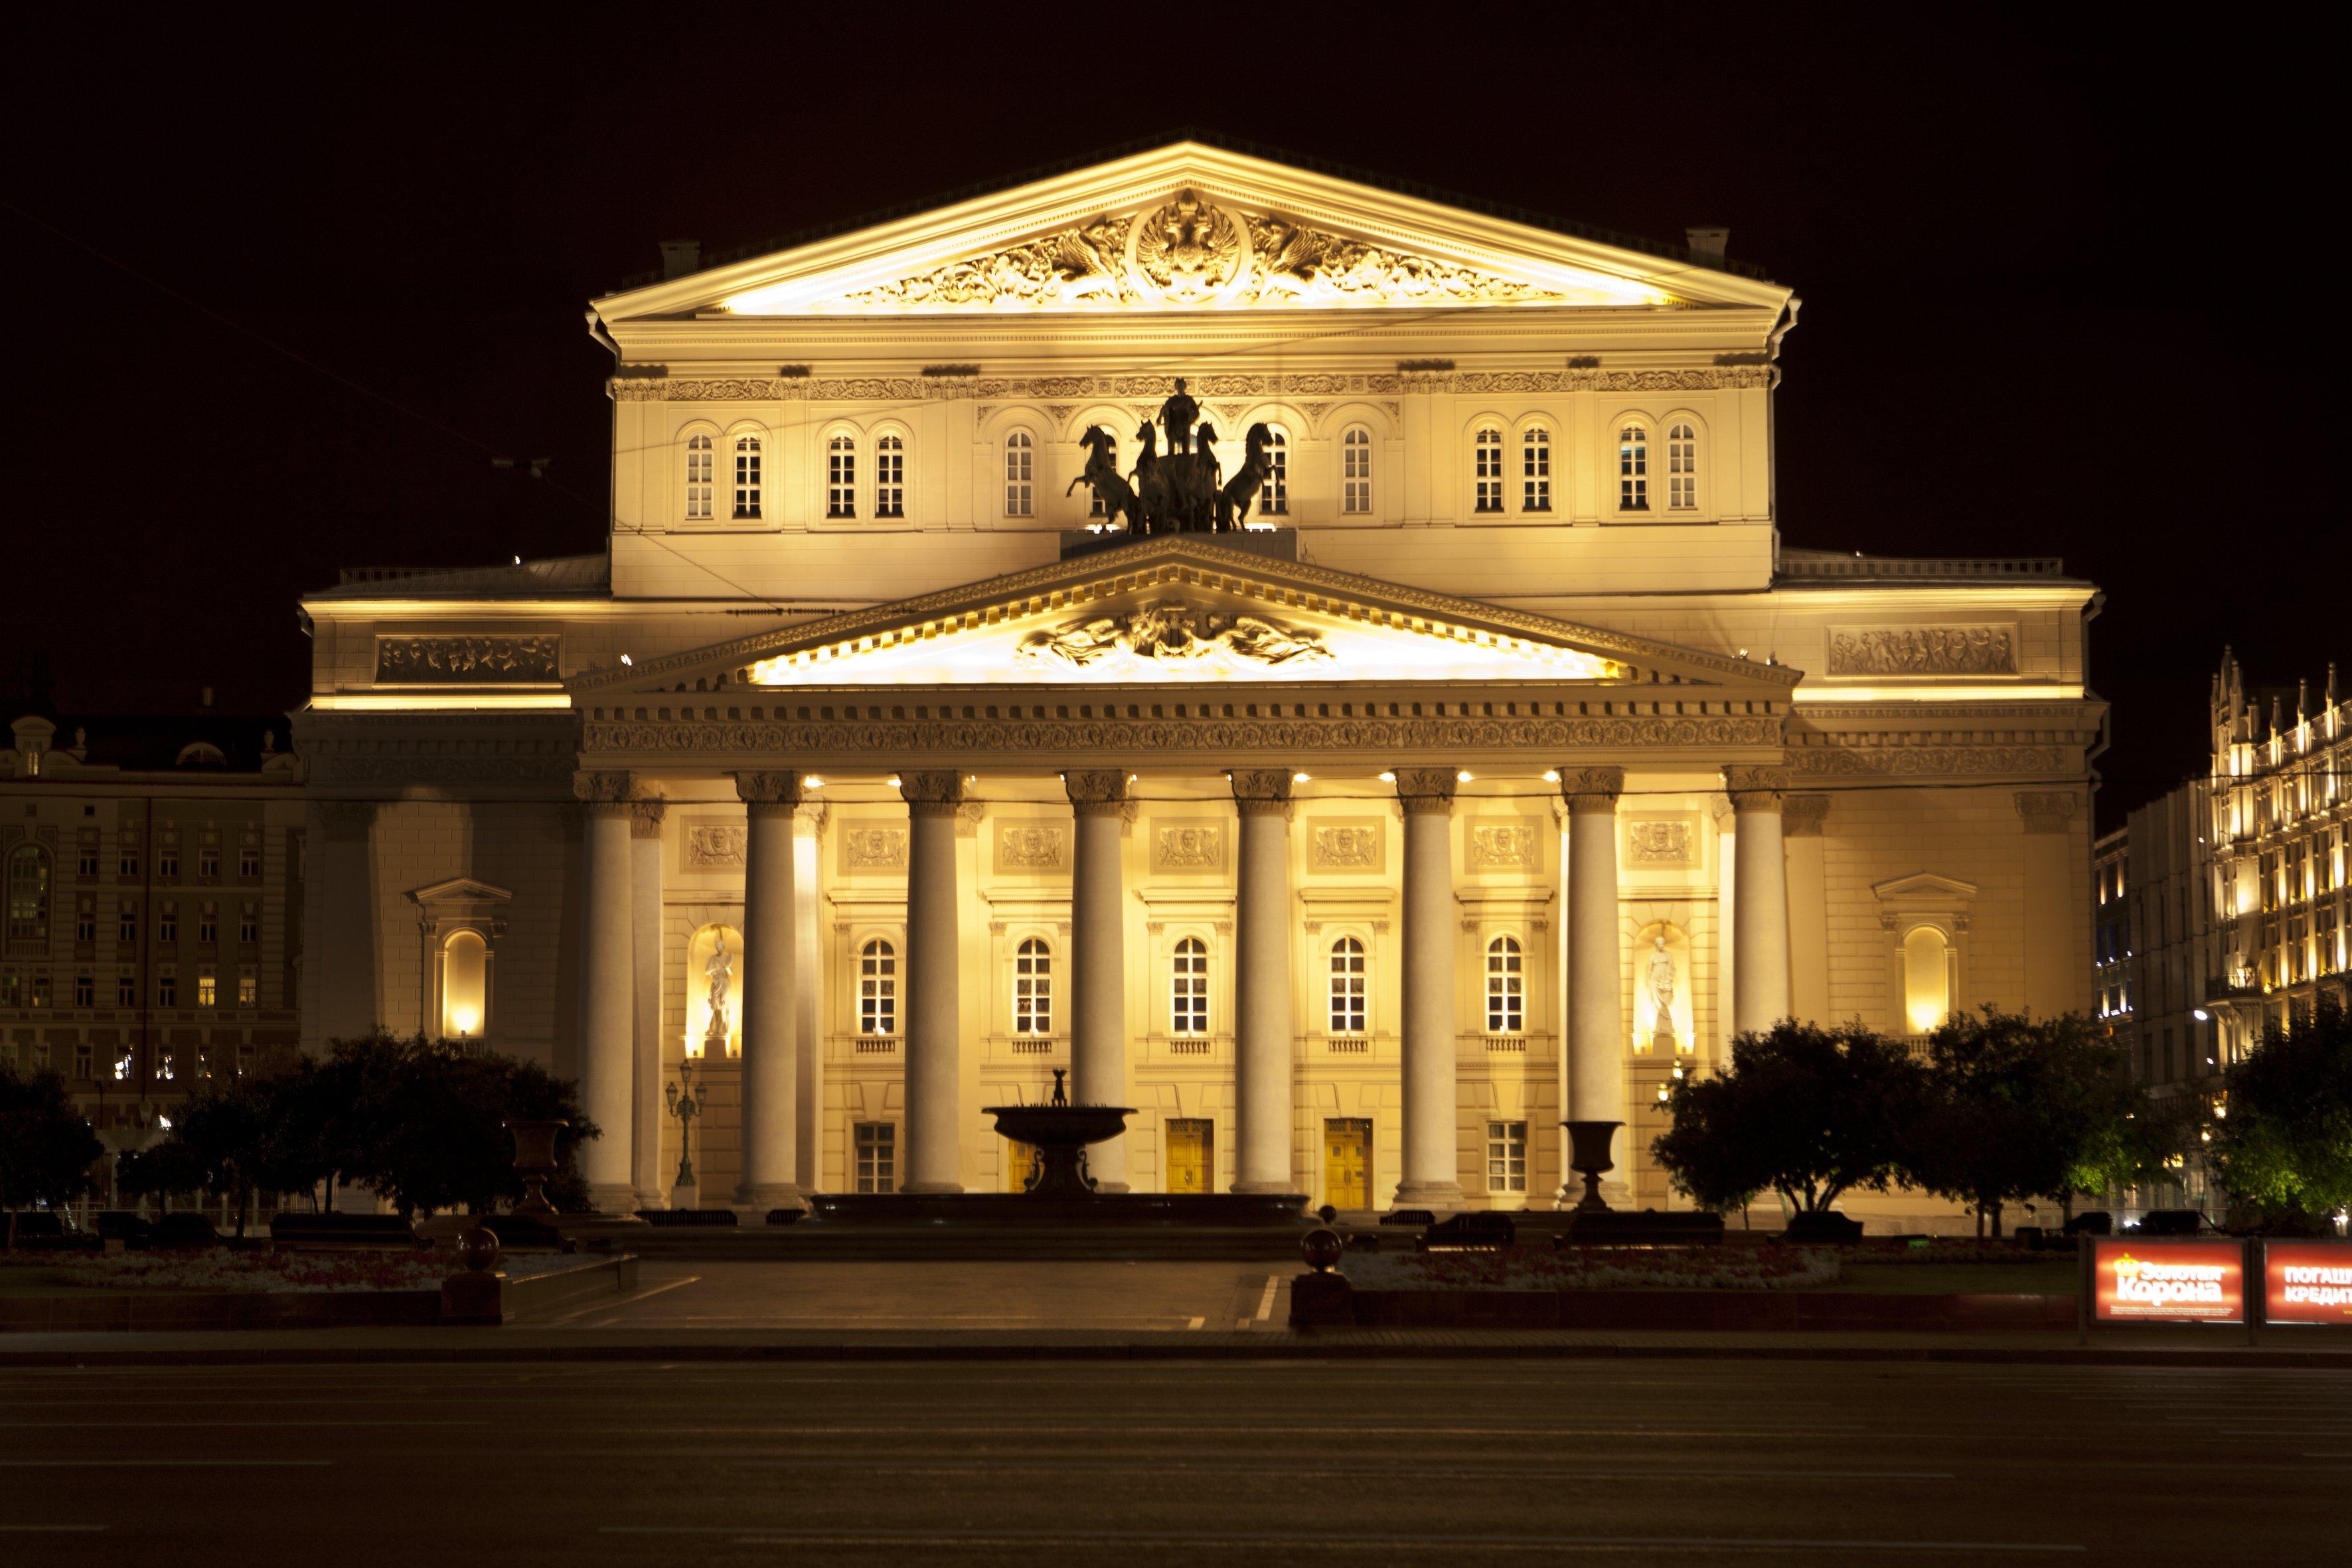 Угроза взрыва в огромном  театре в столицеРФ  неподтвердилась